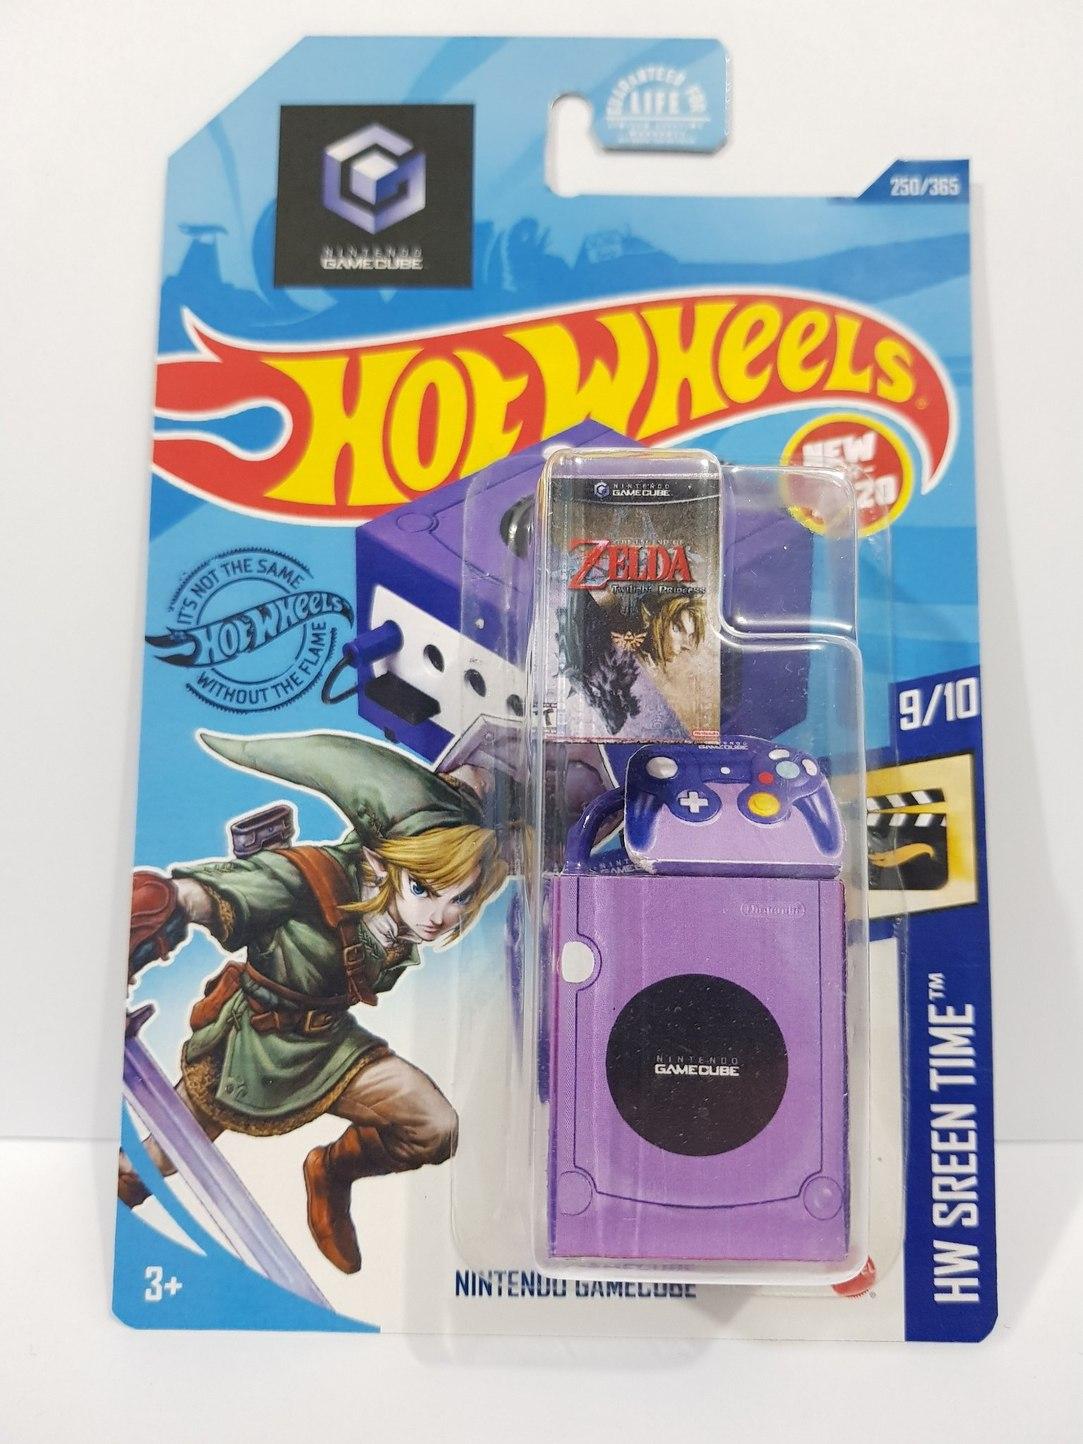 Nintendo gamecube hotwheels - meme